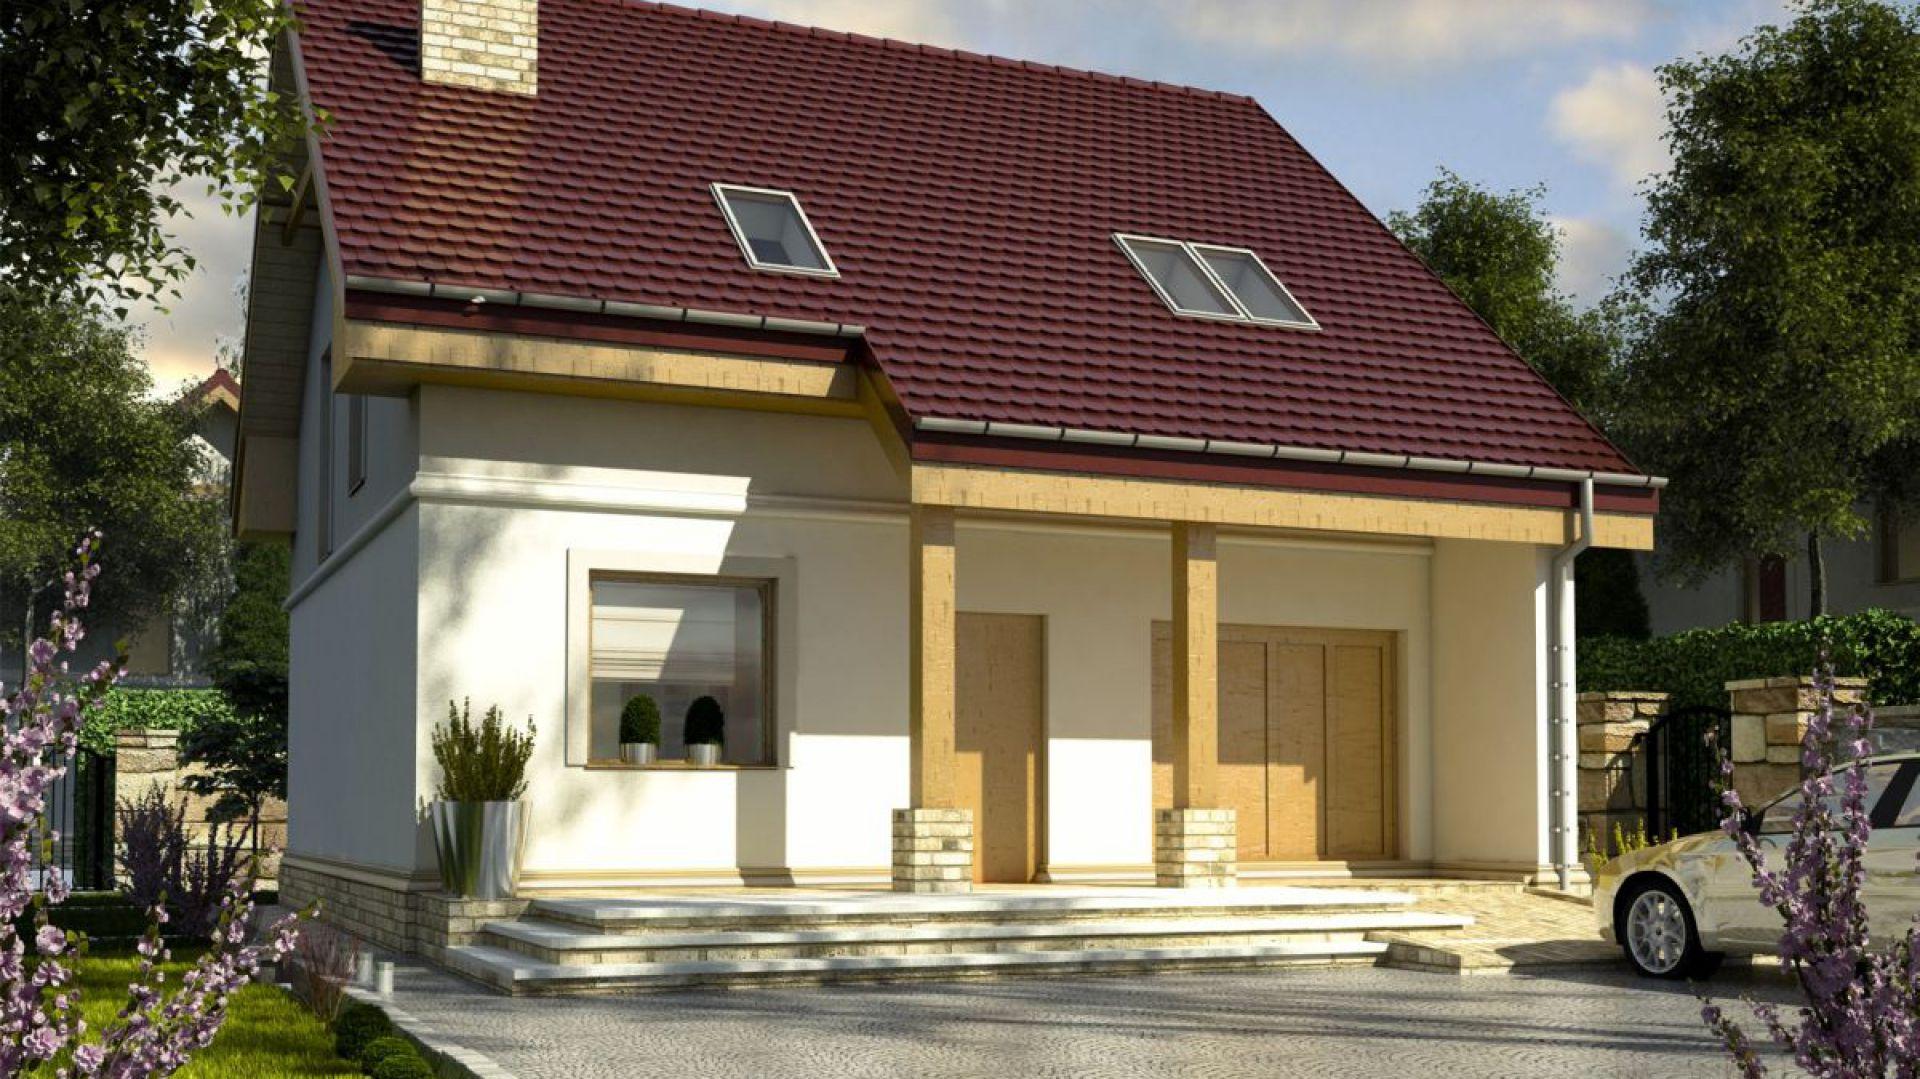 Zadaszone wejście z okapem wspartym na drewnianych słupach urozmaica front domu i jest niezwykle praktycznym rozwiązaniem. Fot. Dom dla Ciebie Pracownia  Projektowa Archeco